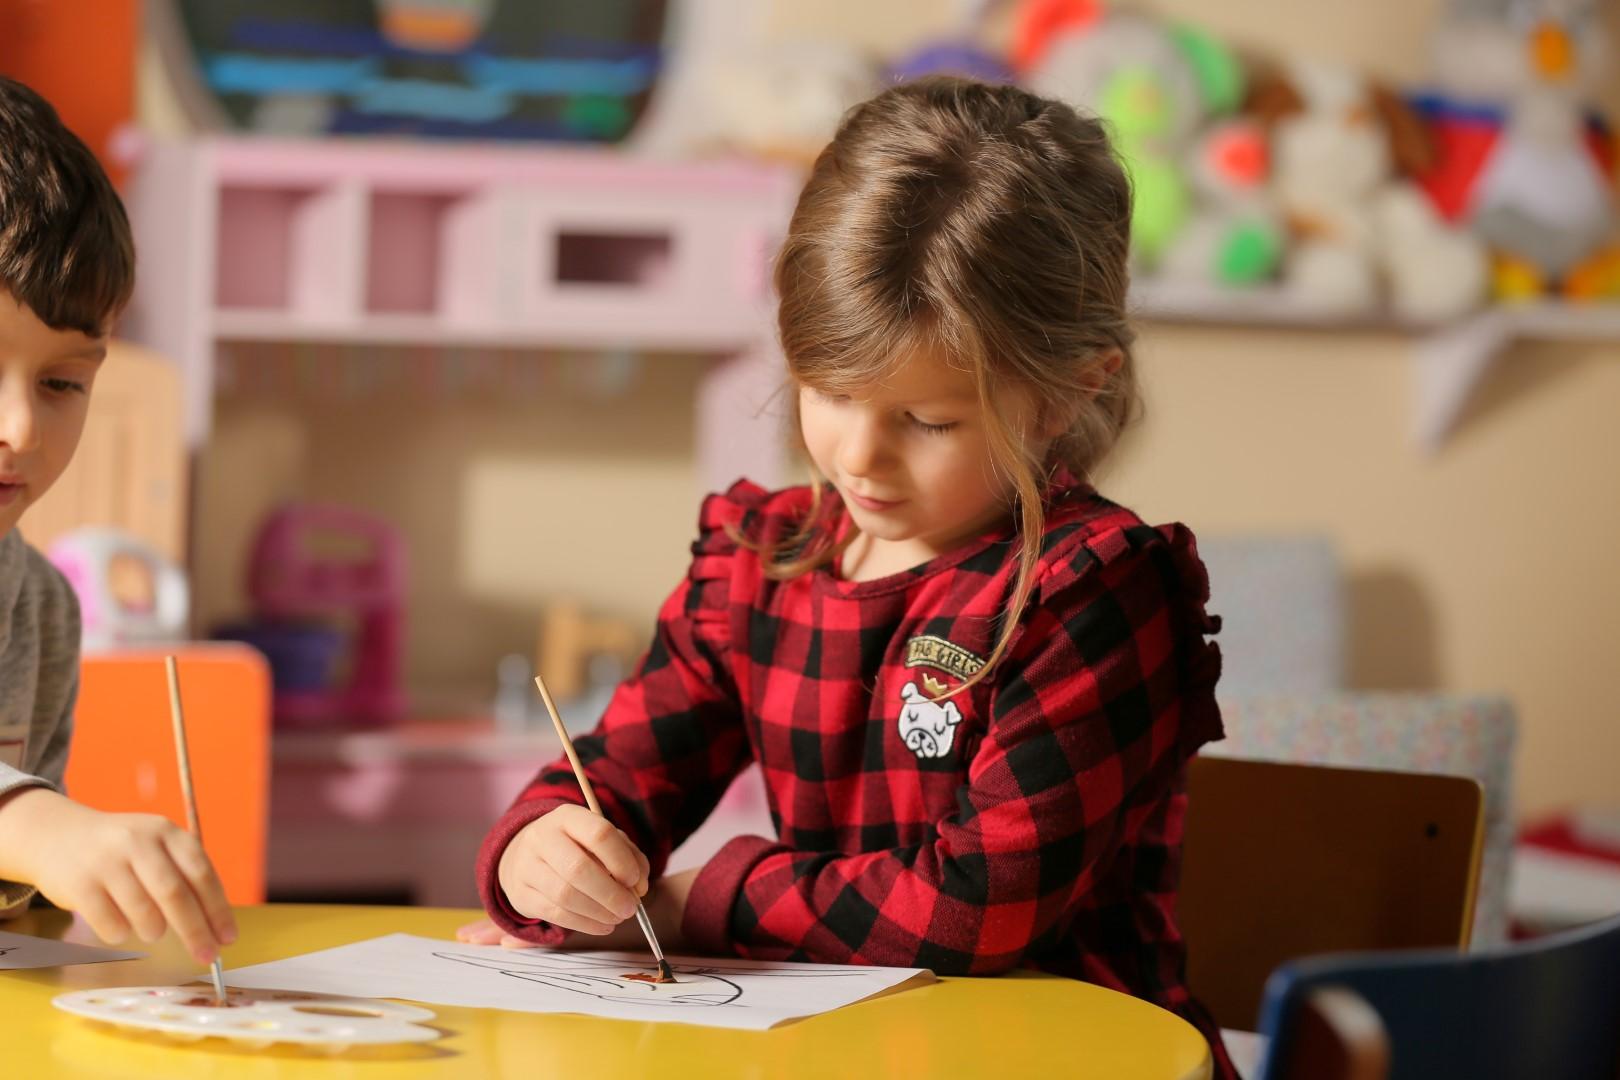 Ushqimi ditor për fëmijët e moshës 4-6 vjeç me mësim ditor